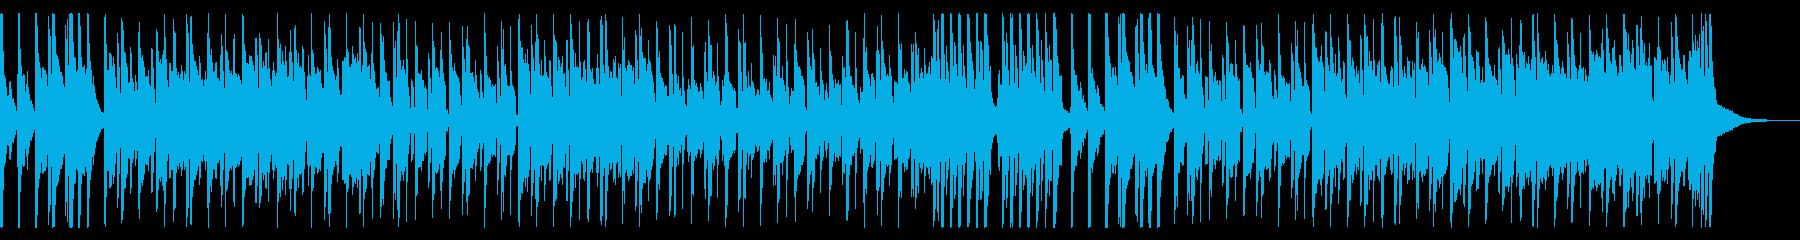 豪華絢爛な中華風BGMの再生済みの波形